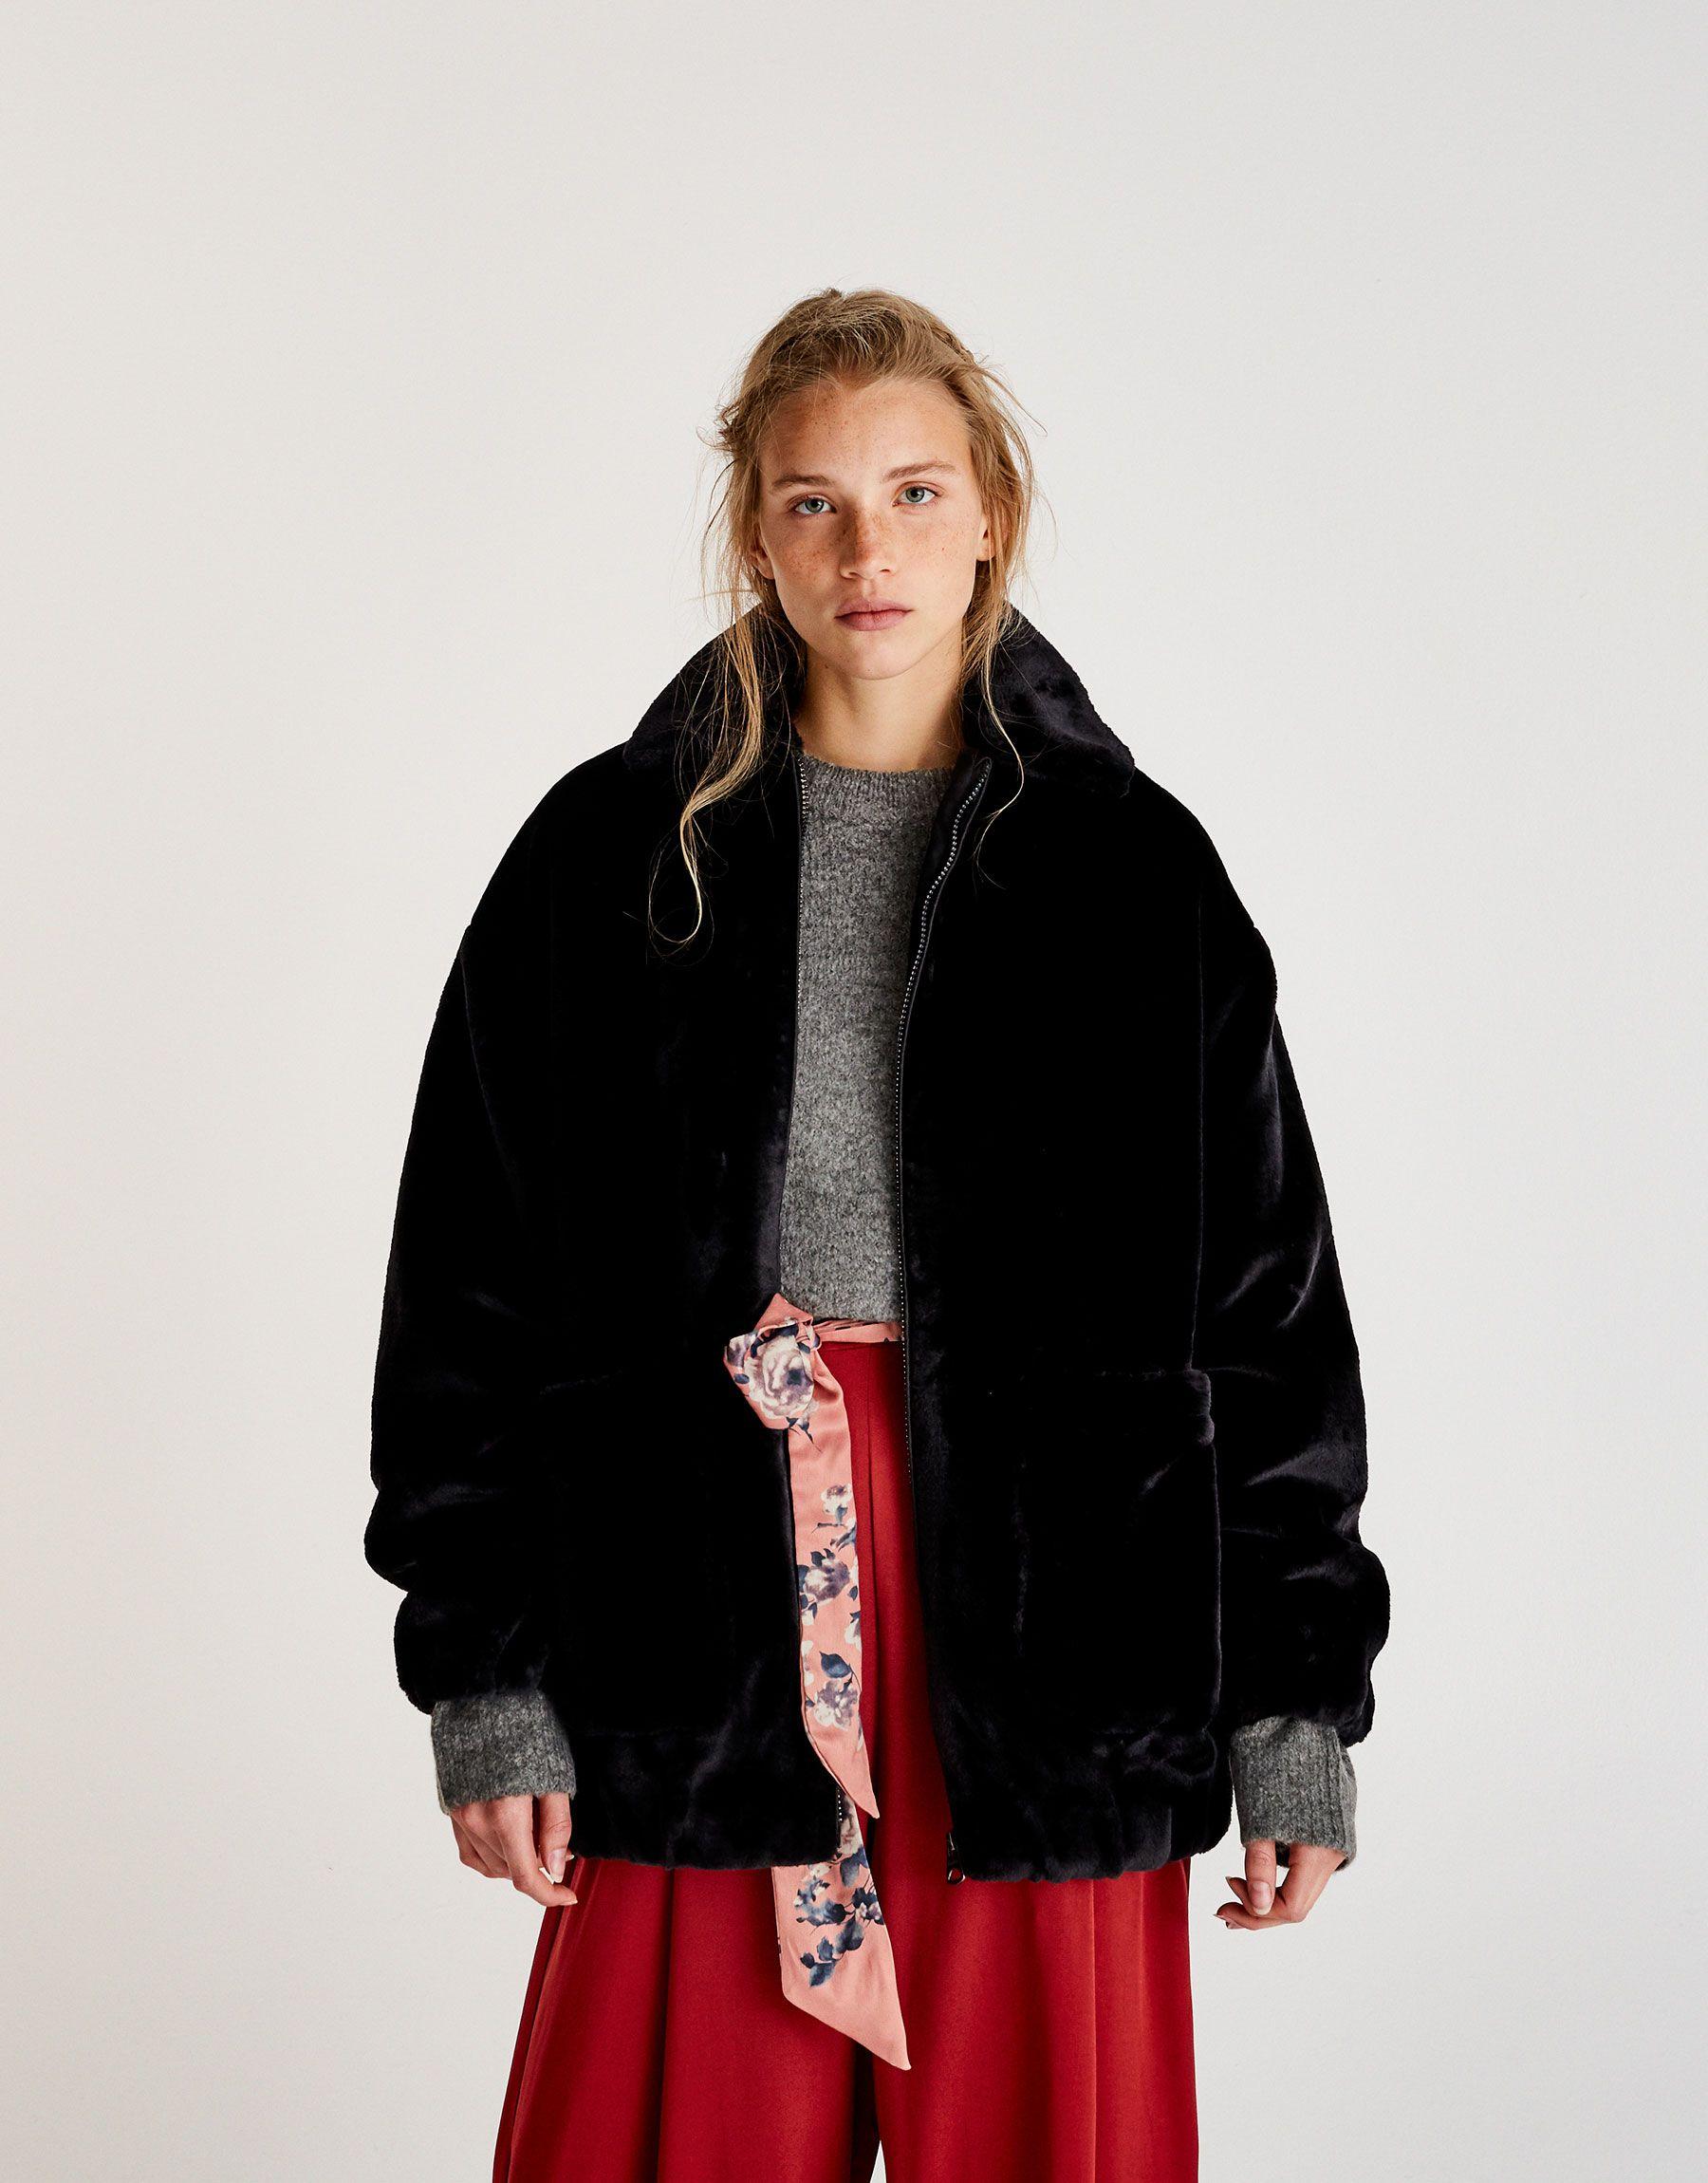 Oversize-Jacke mit Kunstfell und Reißverschluss Jetzt bestellen ...